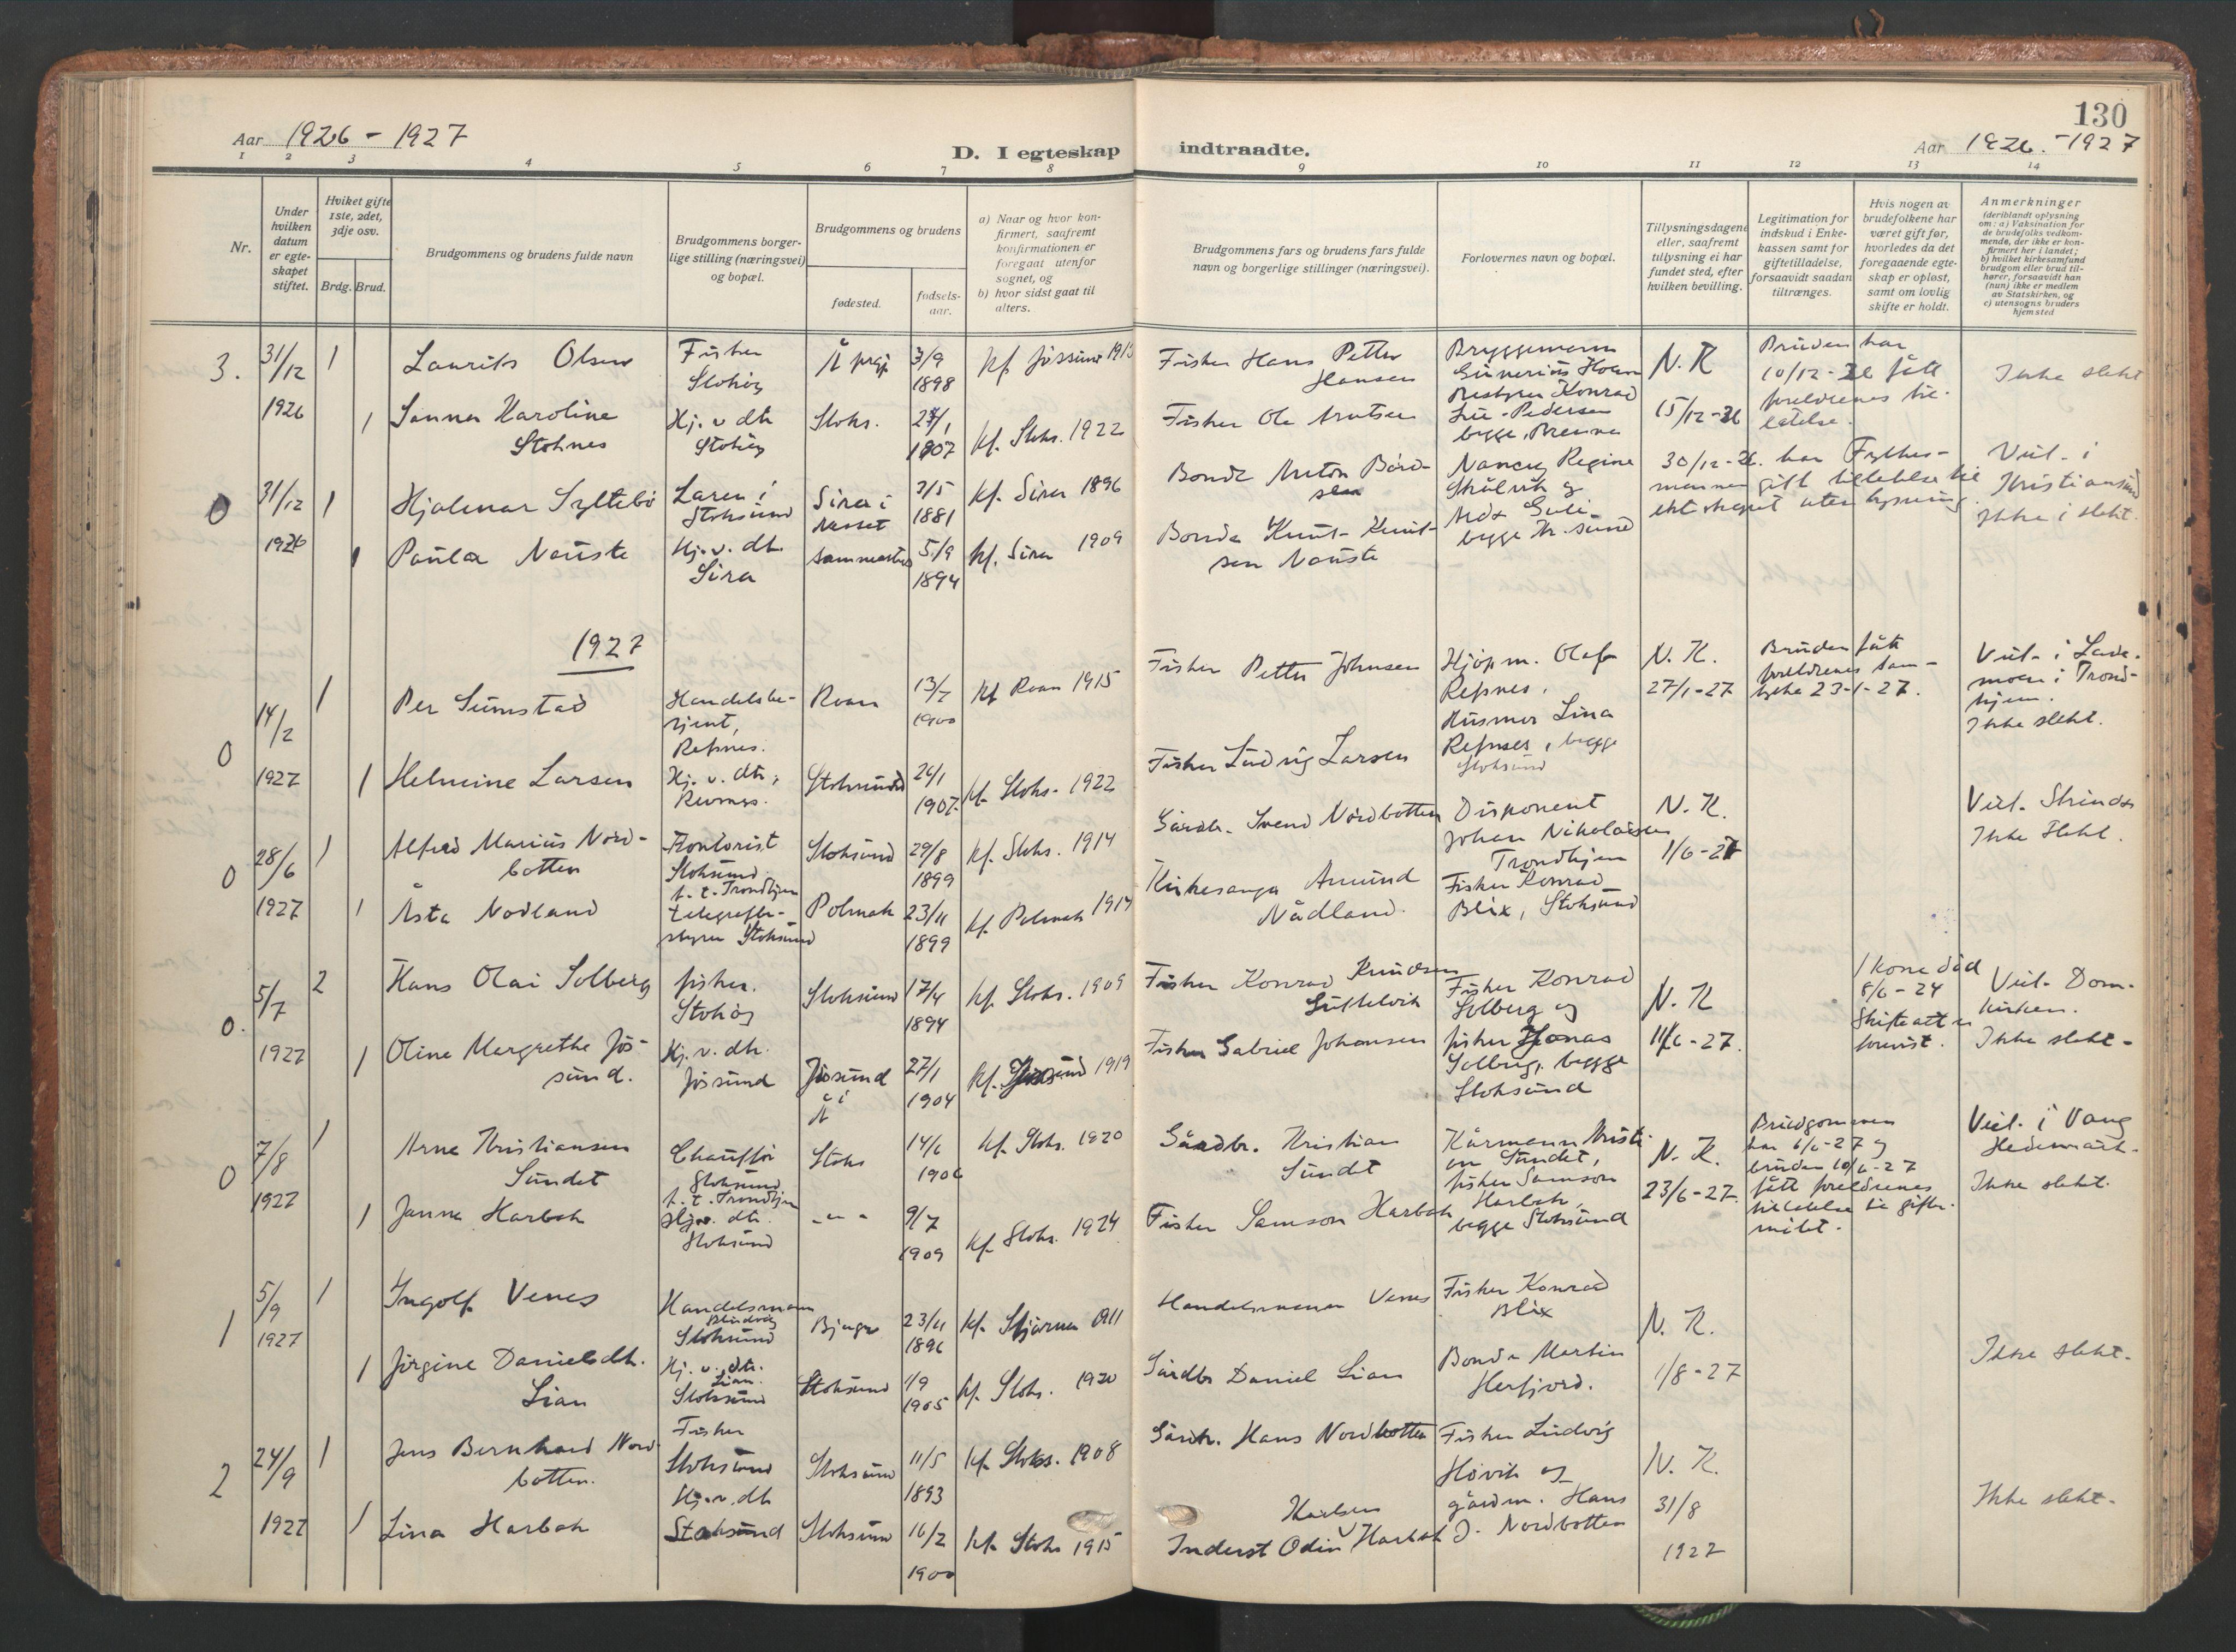 SAT, Ministerialprotokoller, klokkerbøker og fødselsregistre - Sør-Trøndelag, 656/L0694: Ministerialbok nr. 656A03, 1914-1931, s. 130